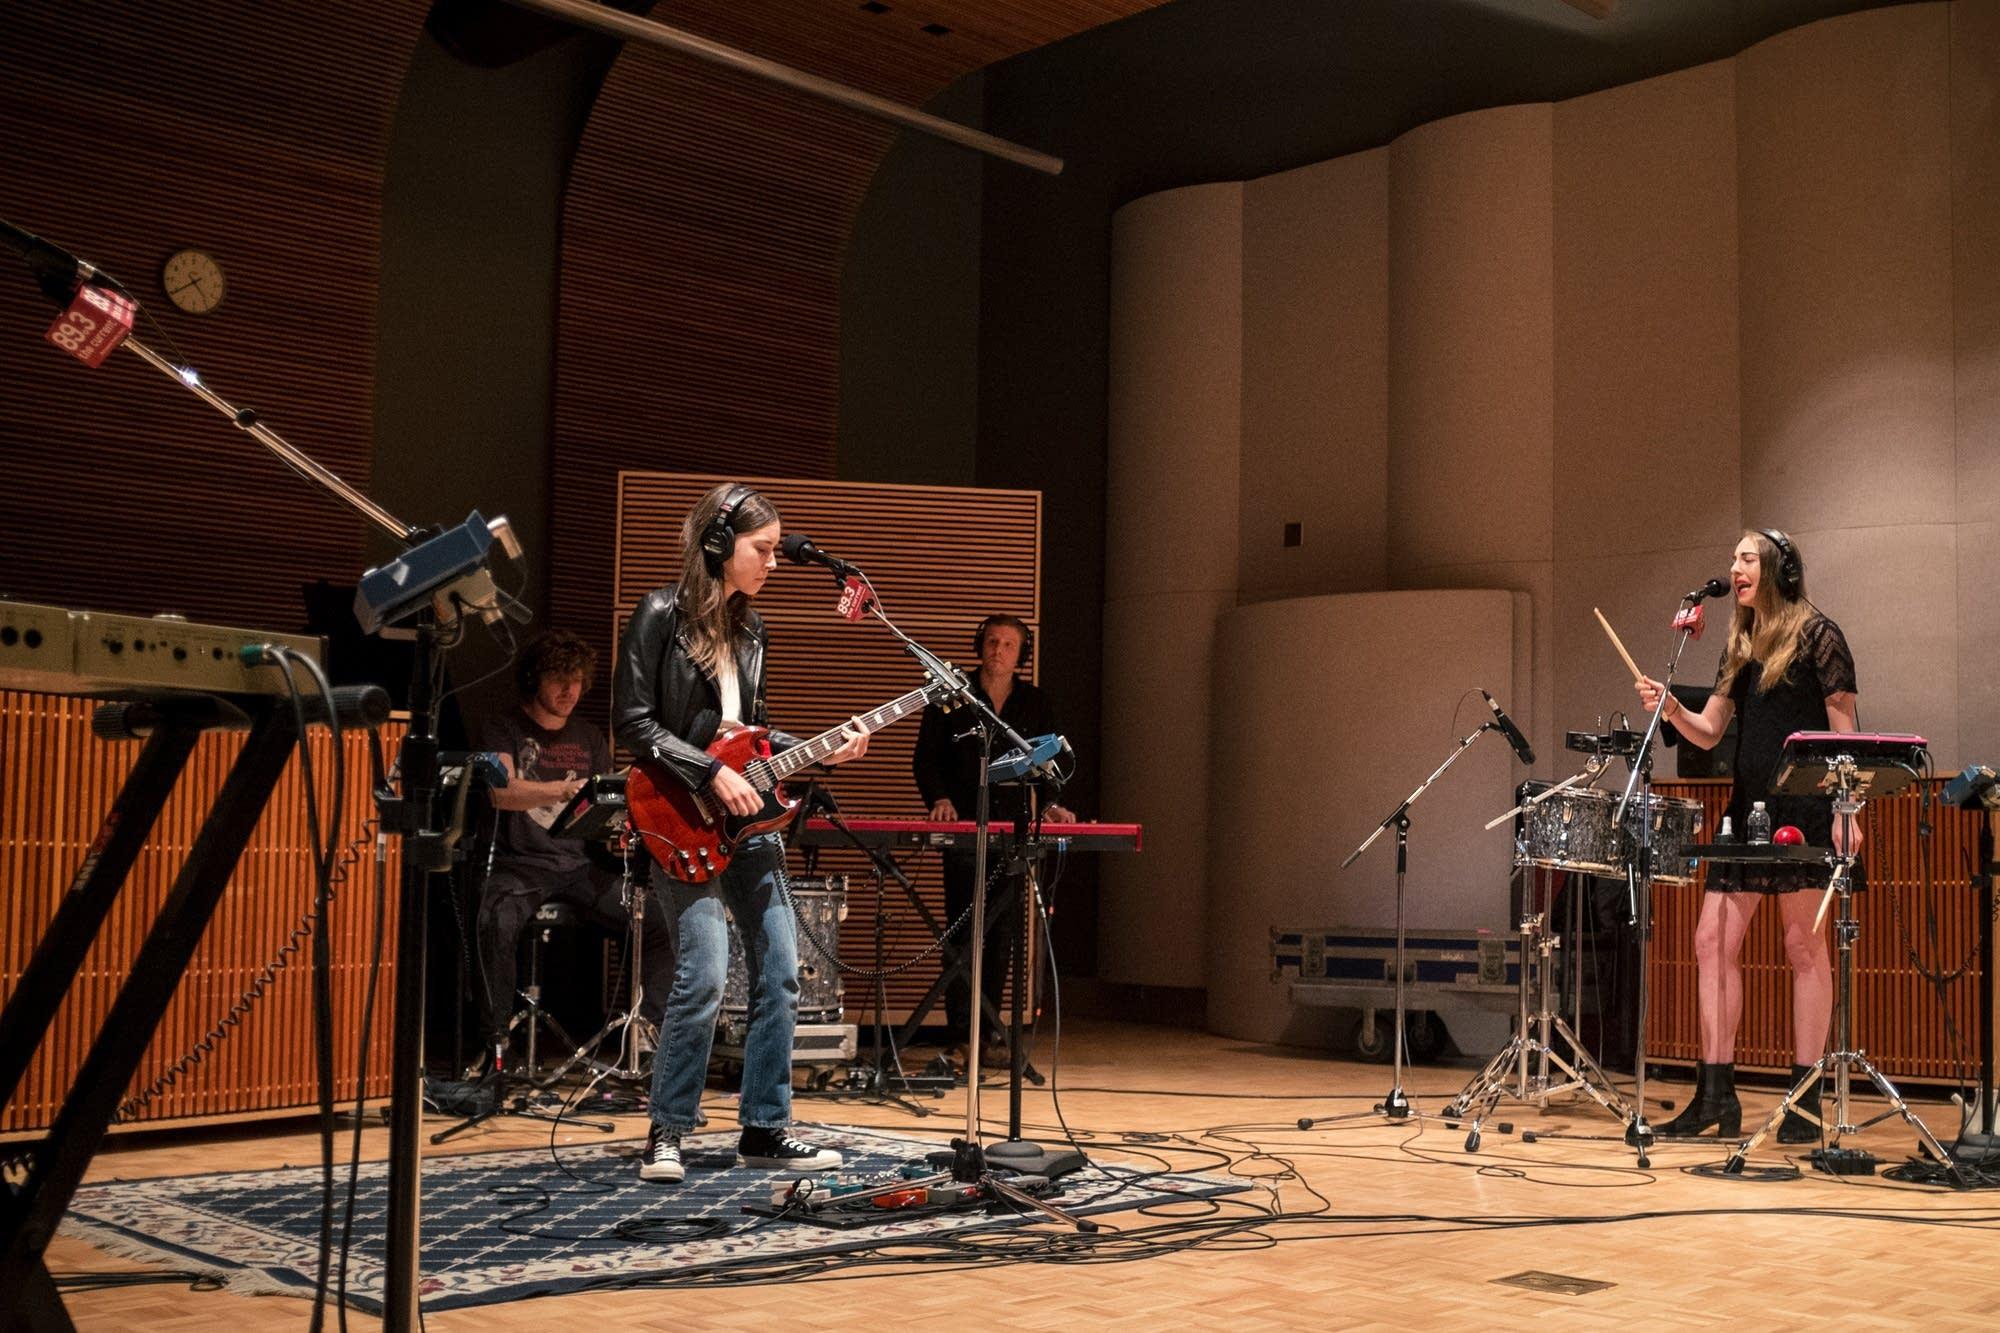 haim in studio 9